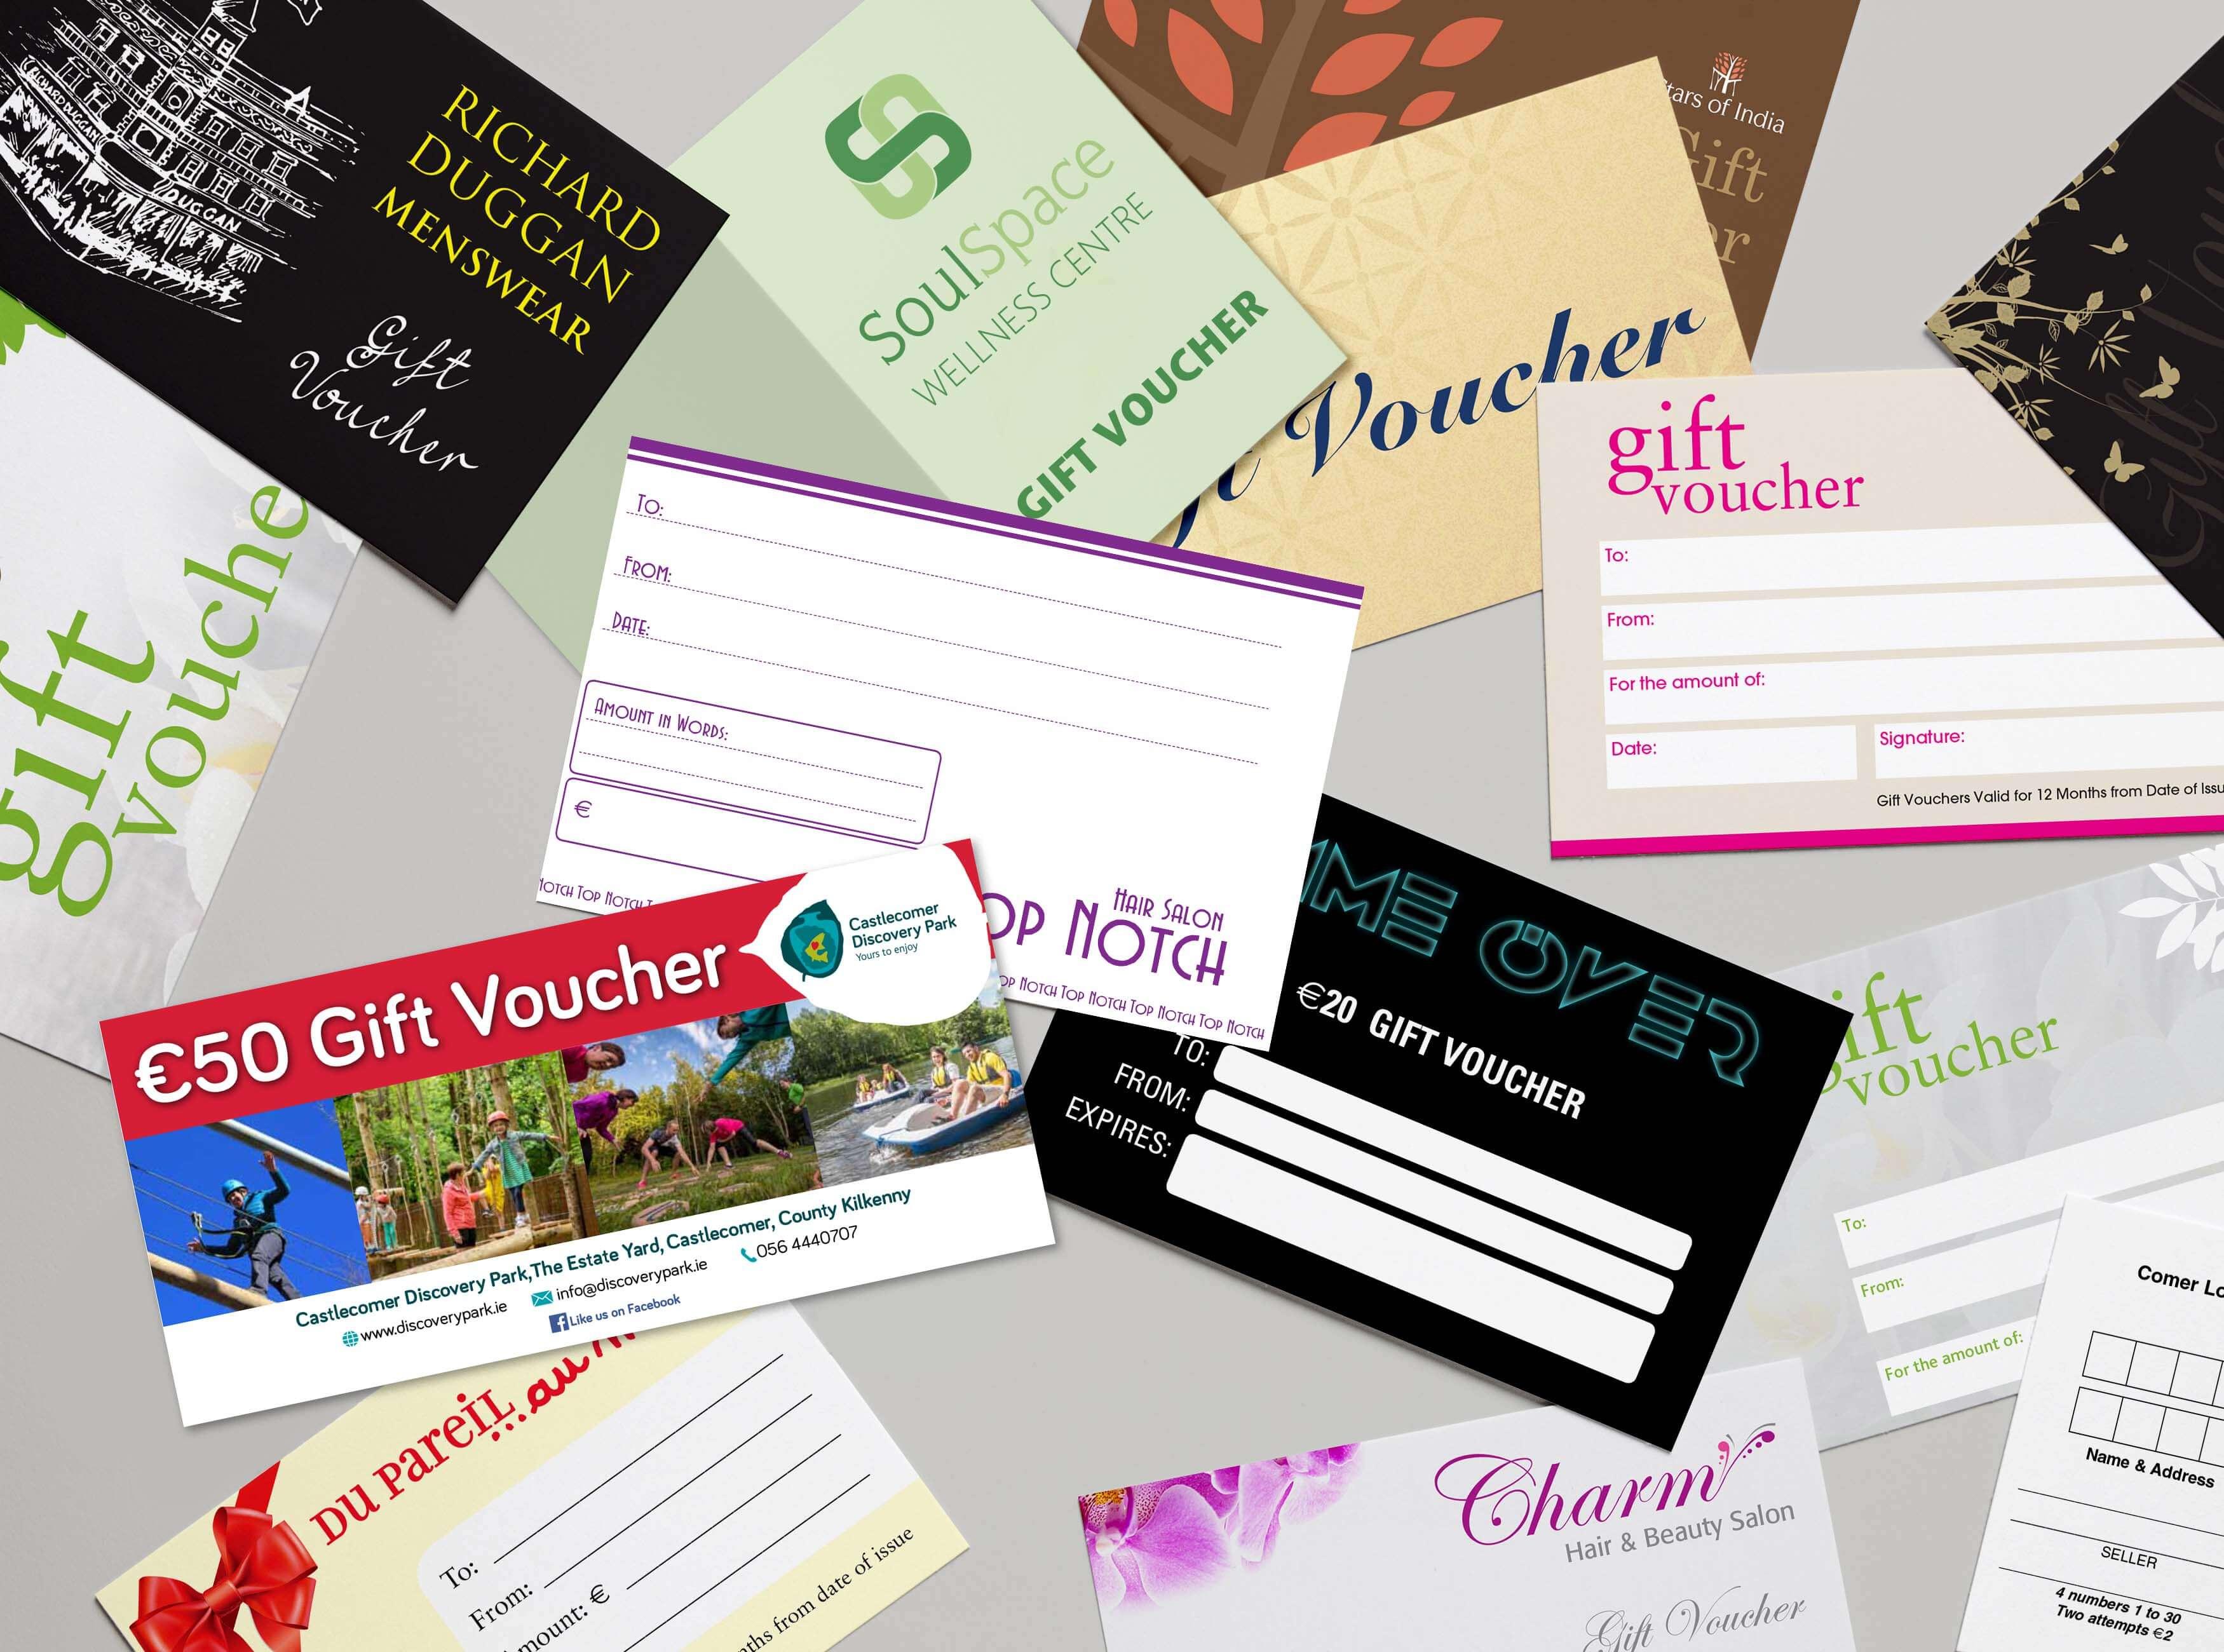 6. Vouchers & Tickets